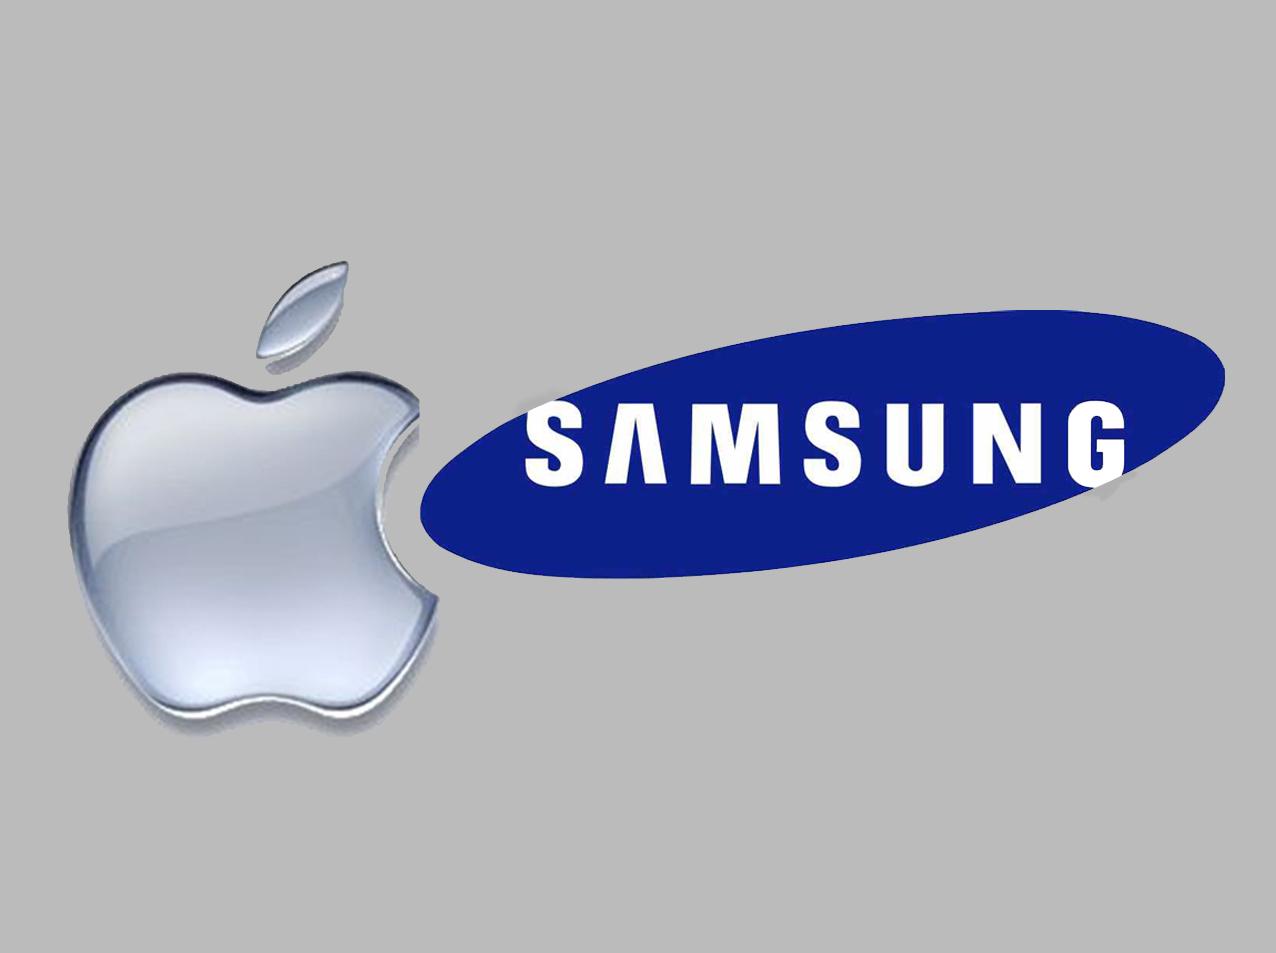 Borba titana - Samsung vs. Apple - ilustracija luckyrobot.com